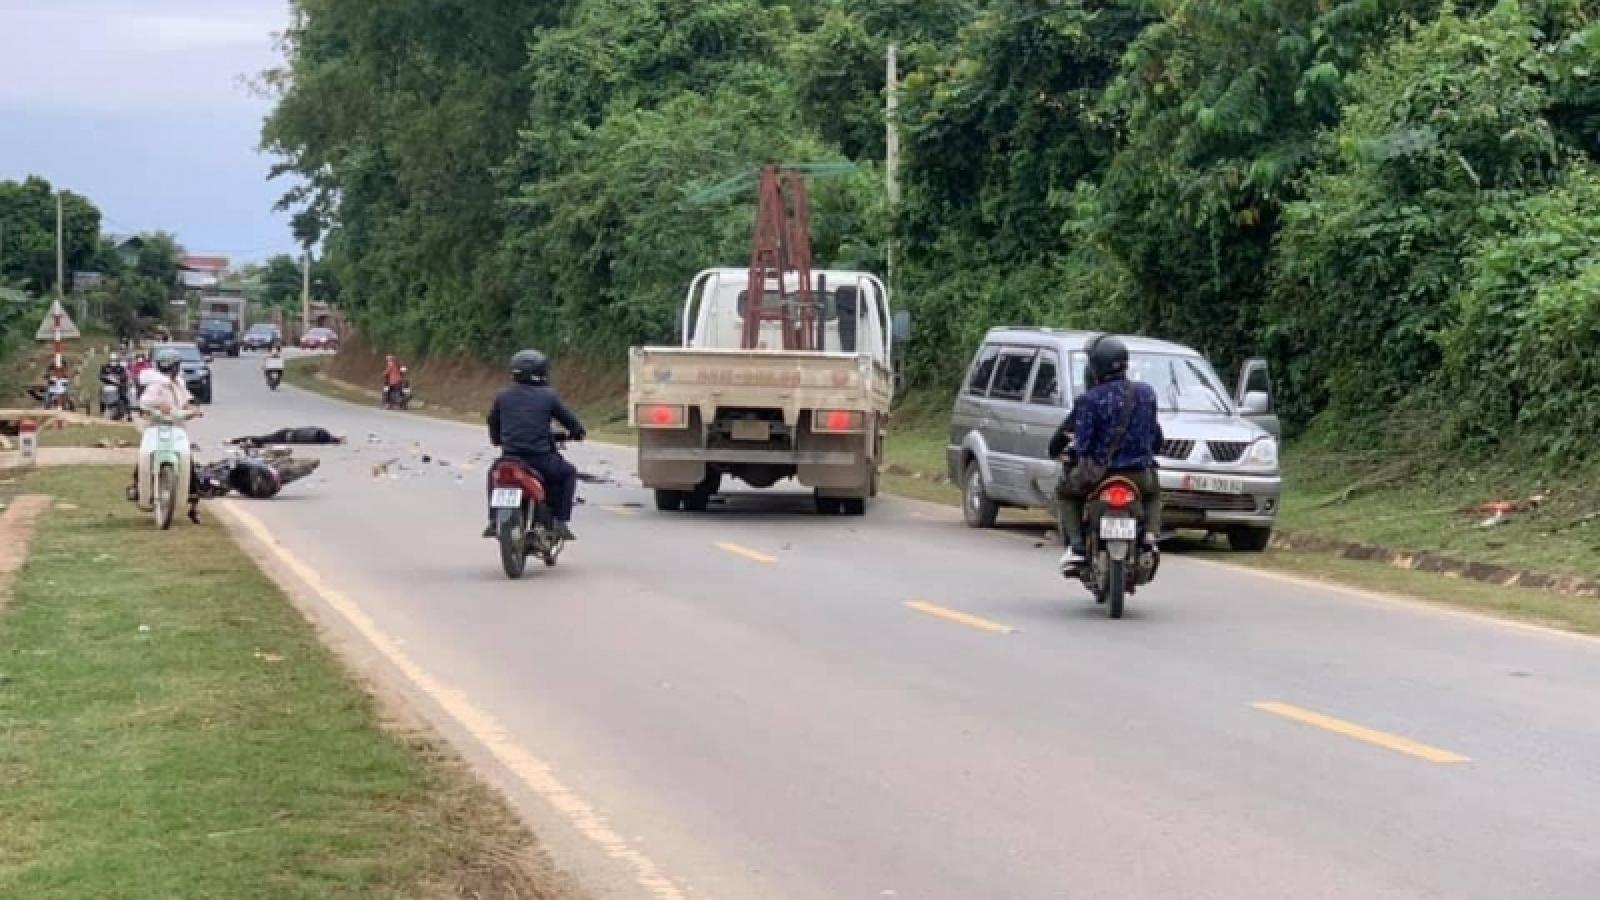 Tai nạn giao thôngtrên Quốc lộ 6, một người tử vong tại chỗ